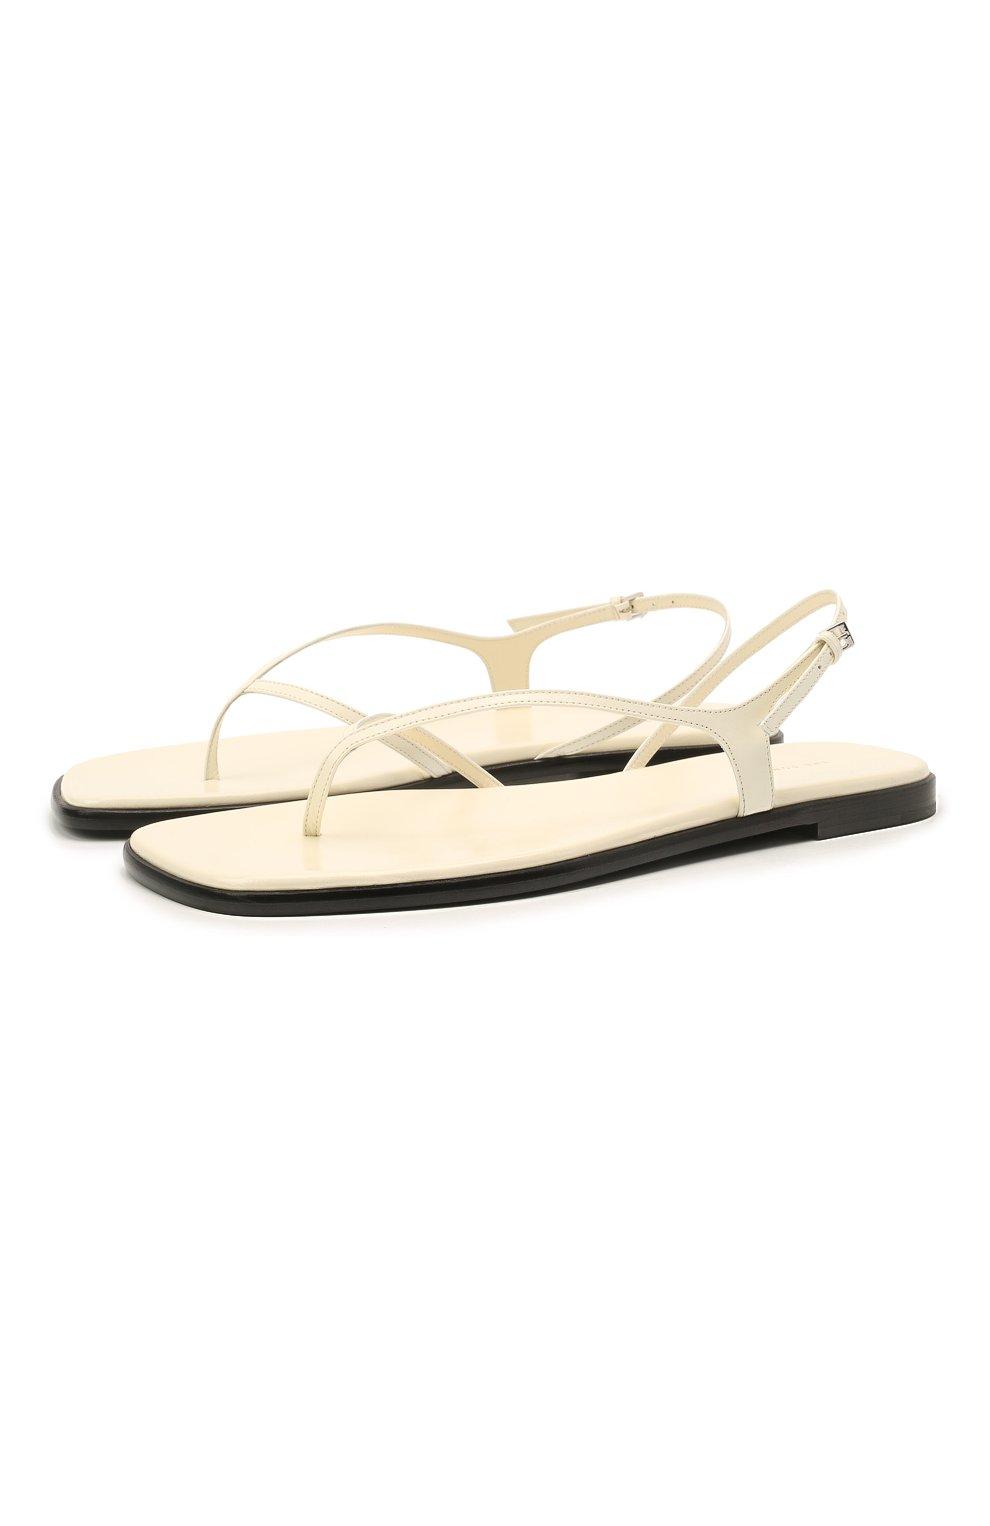 Женские кожаные сандалии THE ROW белого цвета, арт. F1197-L35   Фото 1 (Каблук высота: Низкий; Материал внутренний: Натуральная кожа; Подошва: Плоская)